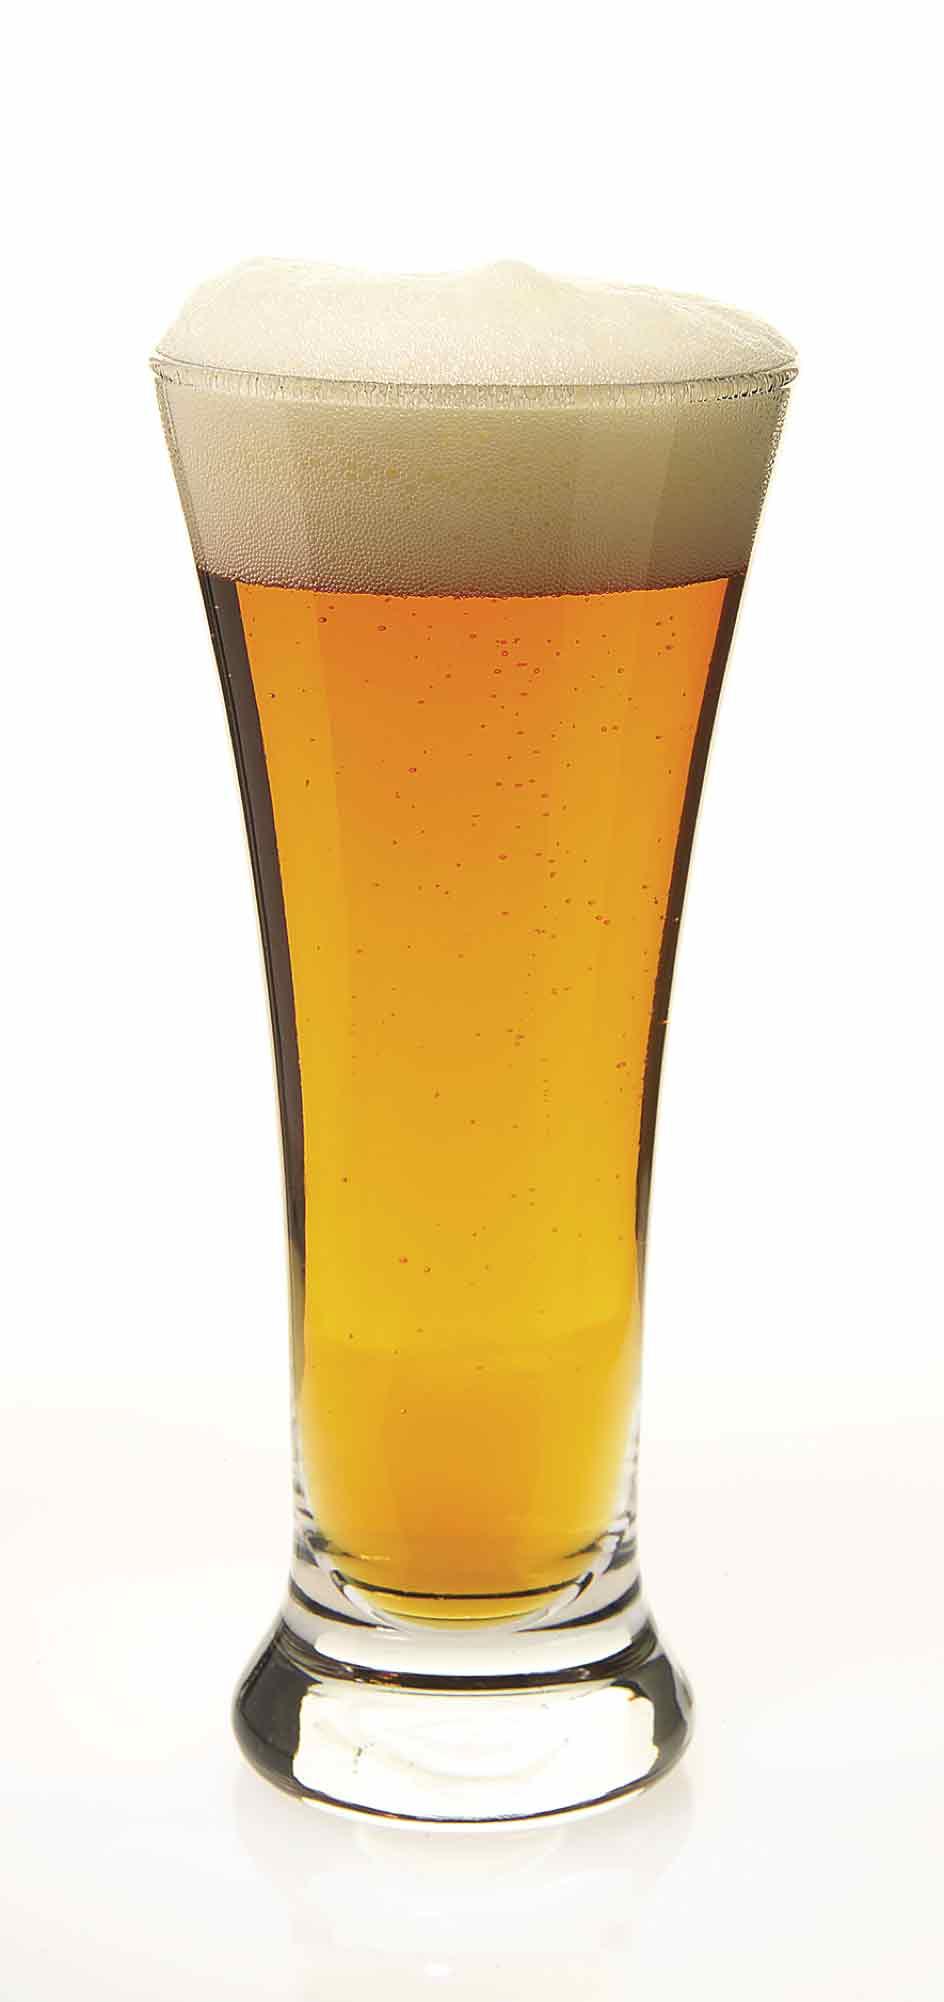 בירה לאגר Lager